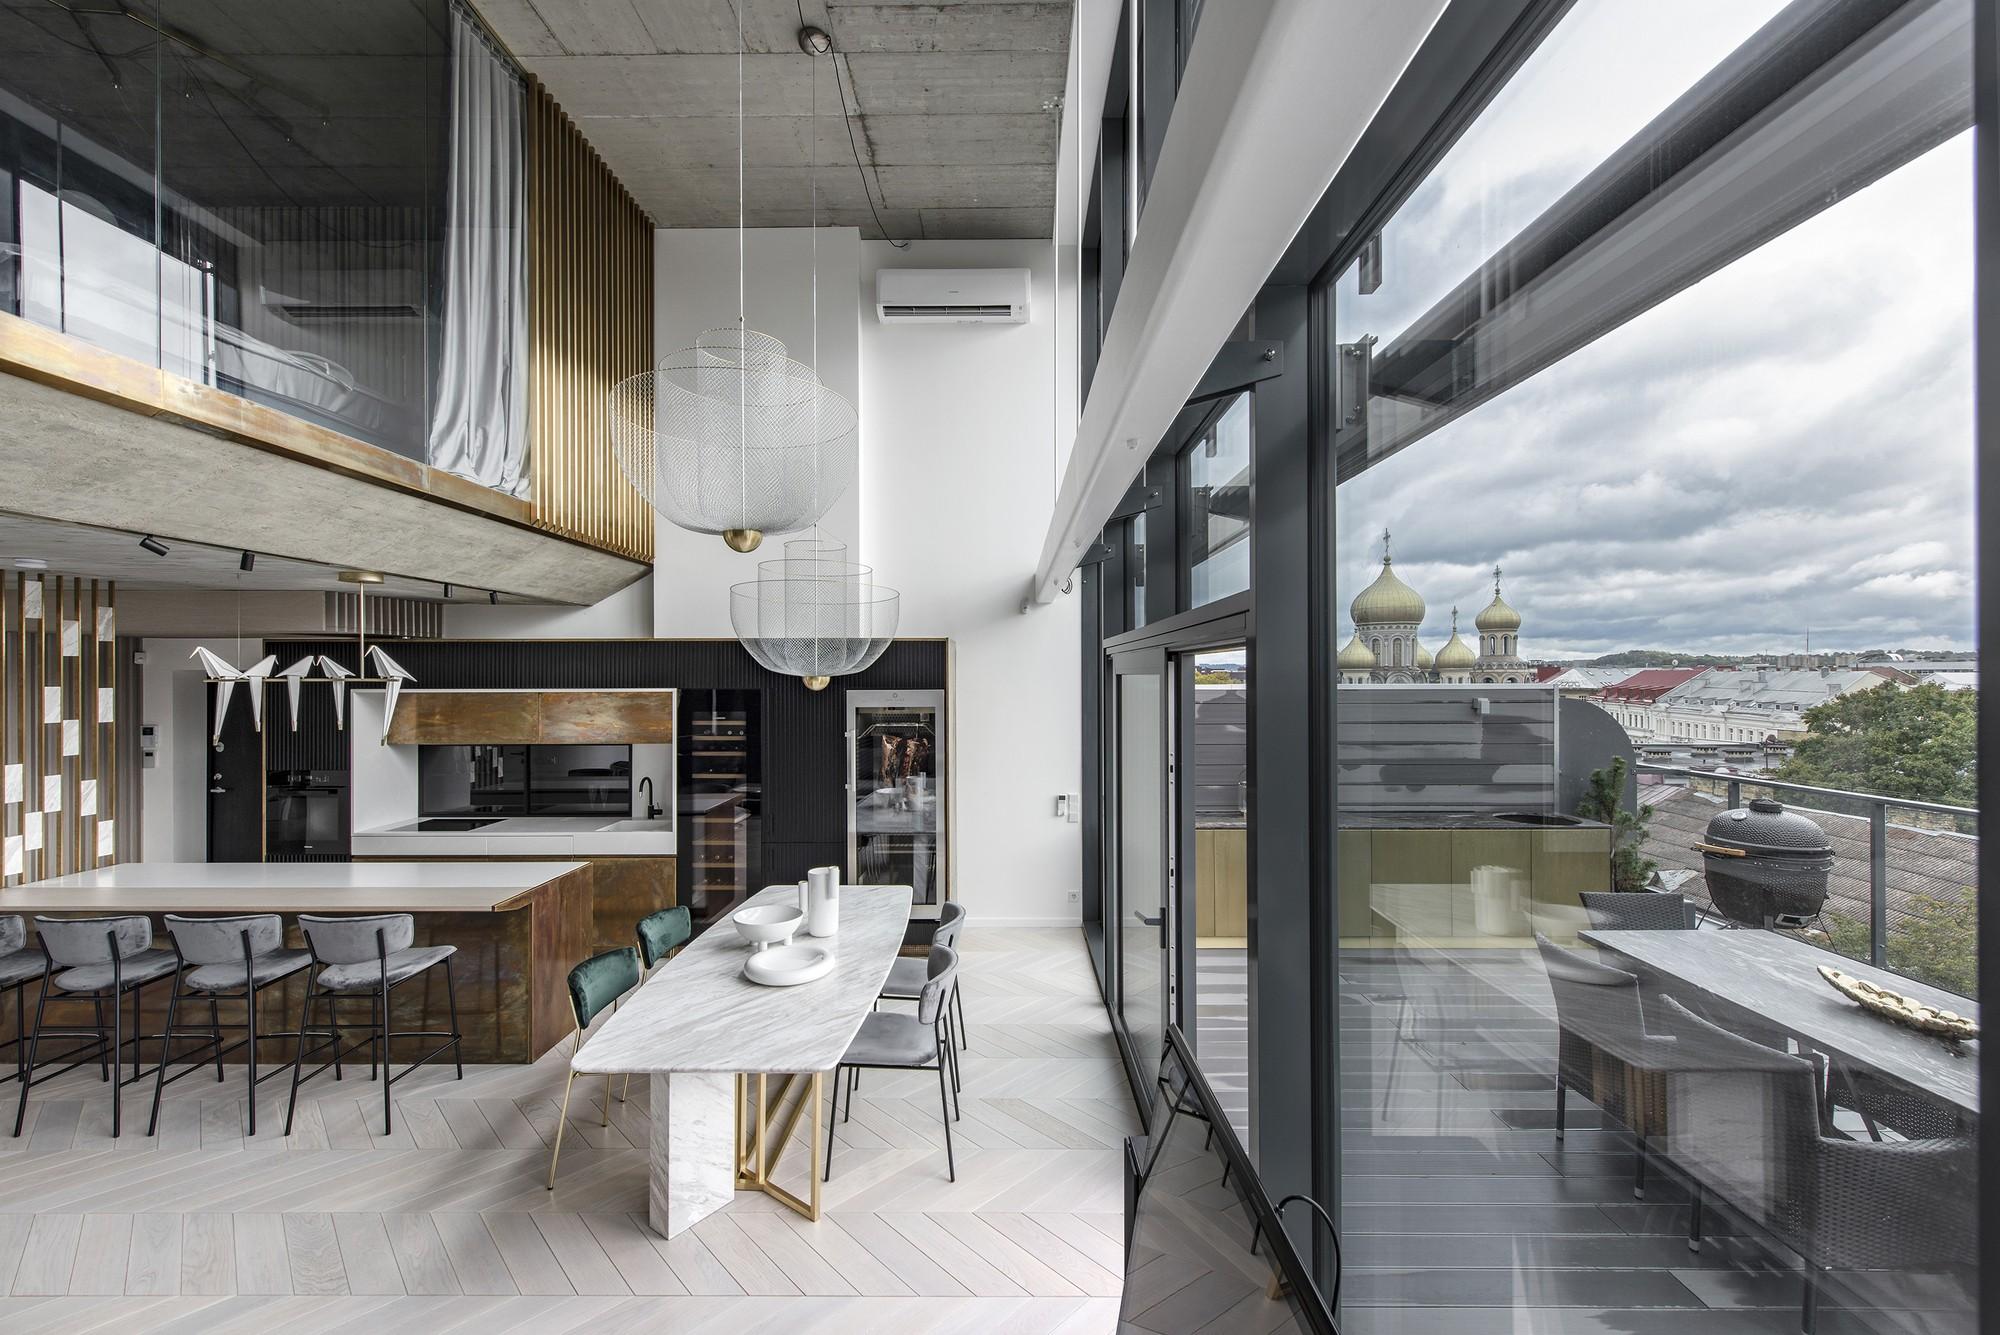 Décor do dia: cozinha integrada com adega e sala de jantar (Foto: Divulgação)